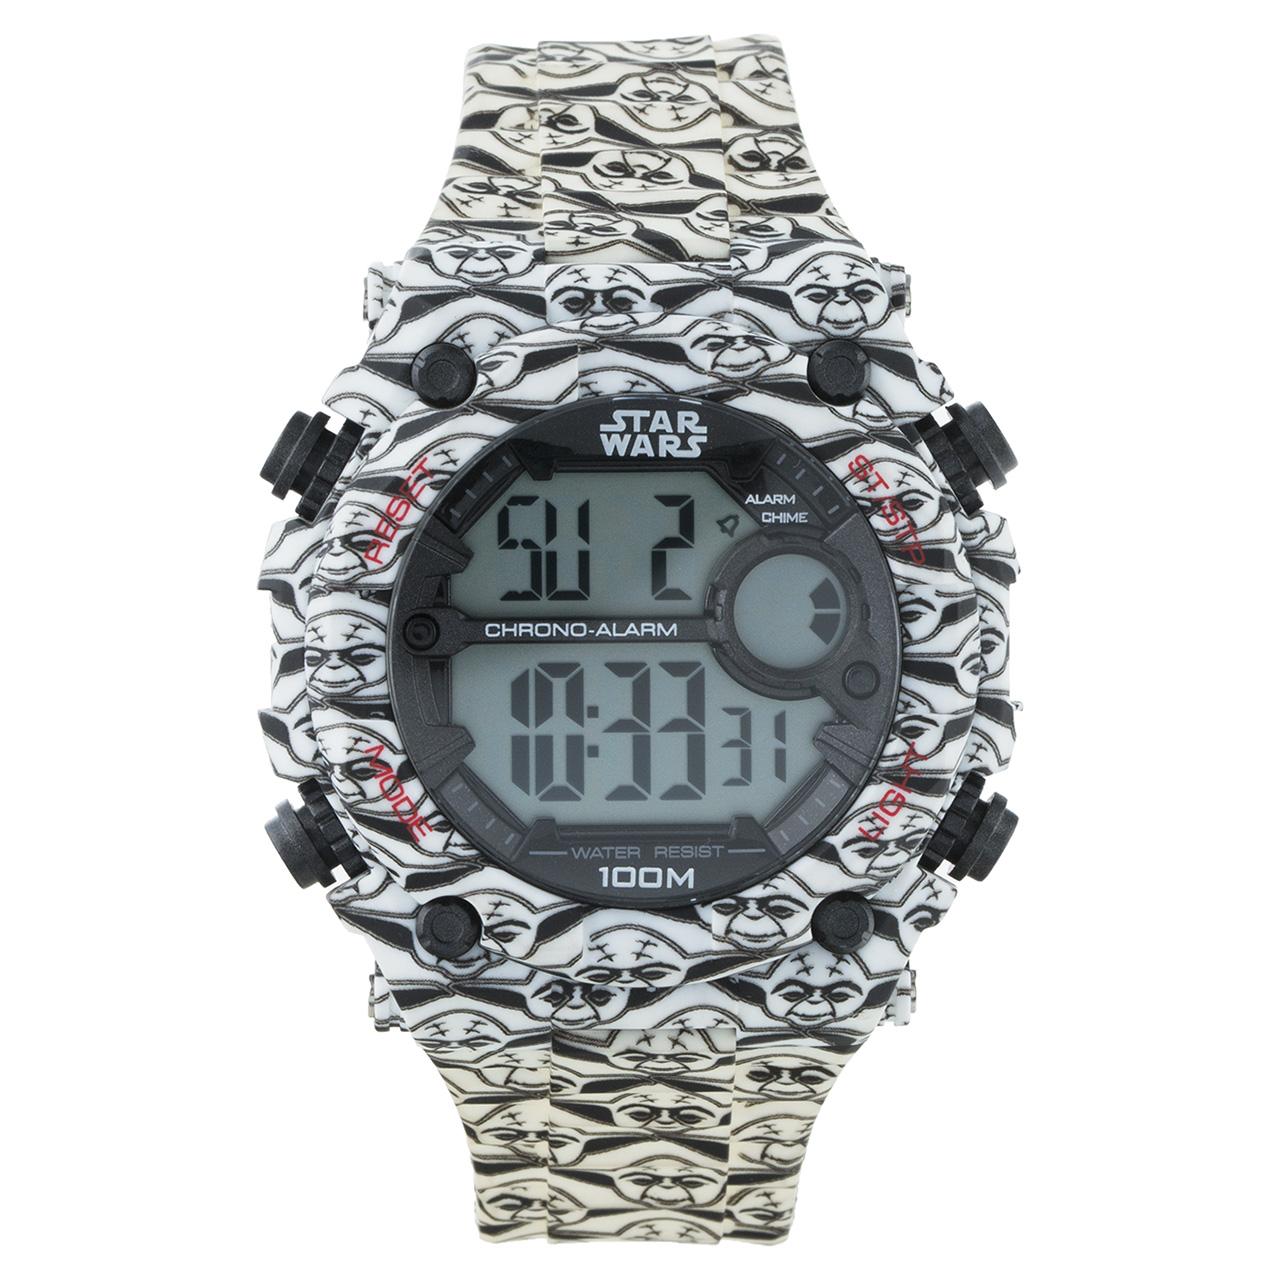 ساعت مچی دیجیتالی ای ام:پی ام مدل SP175-G432 - ای ام پی ام